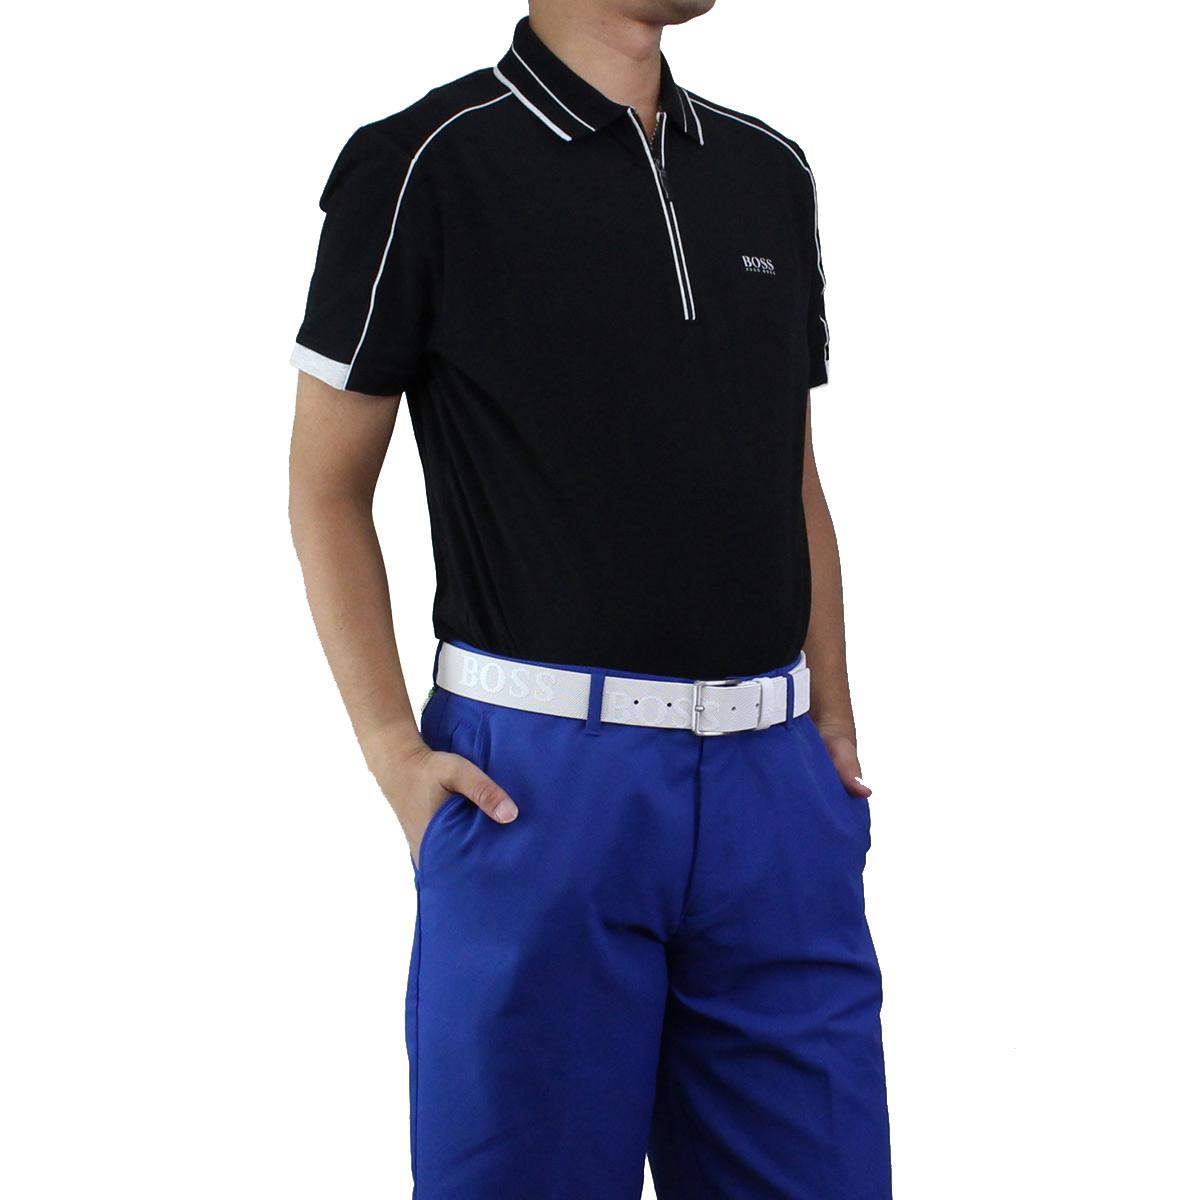 ※ ラッピング無料 ヒューゴ ボス ポロシャツ 半袖 ゴルフウェア HUGO BOSS 50404274 ブラック 時間指定不可 フィリックス 期間限定特価品 men's 001 メンズ PHILIX 10214873